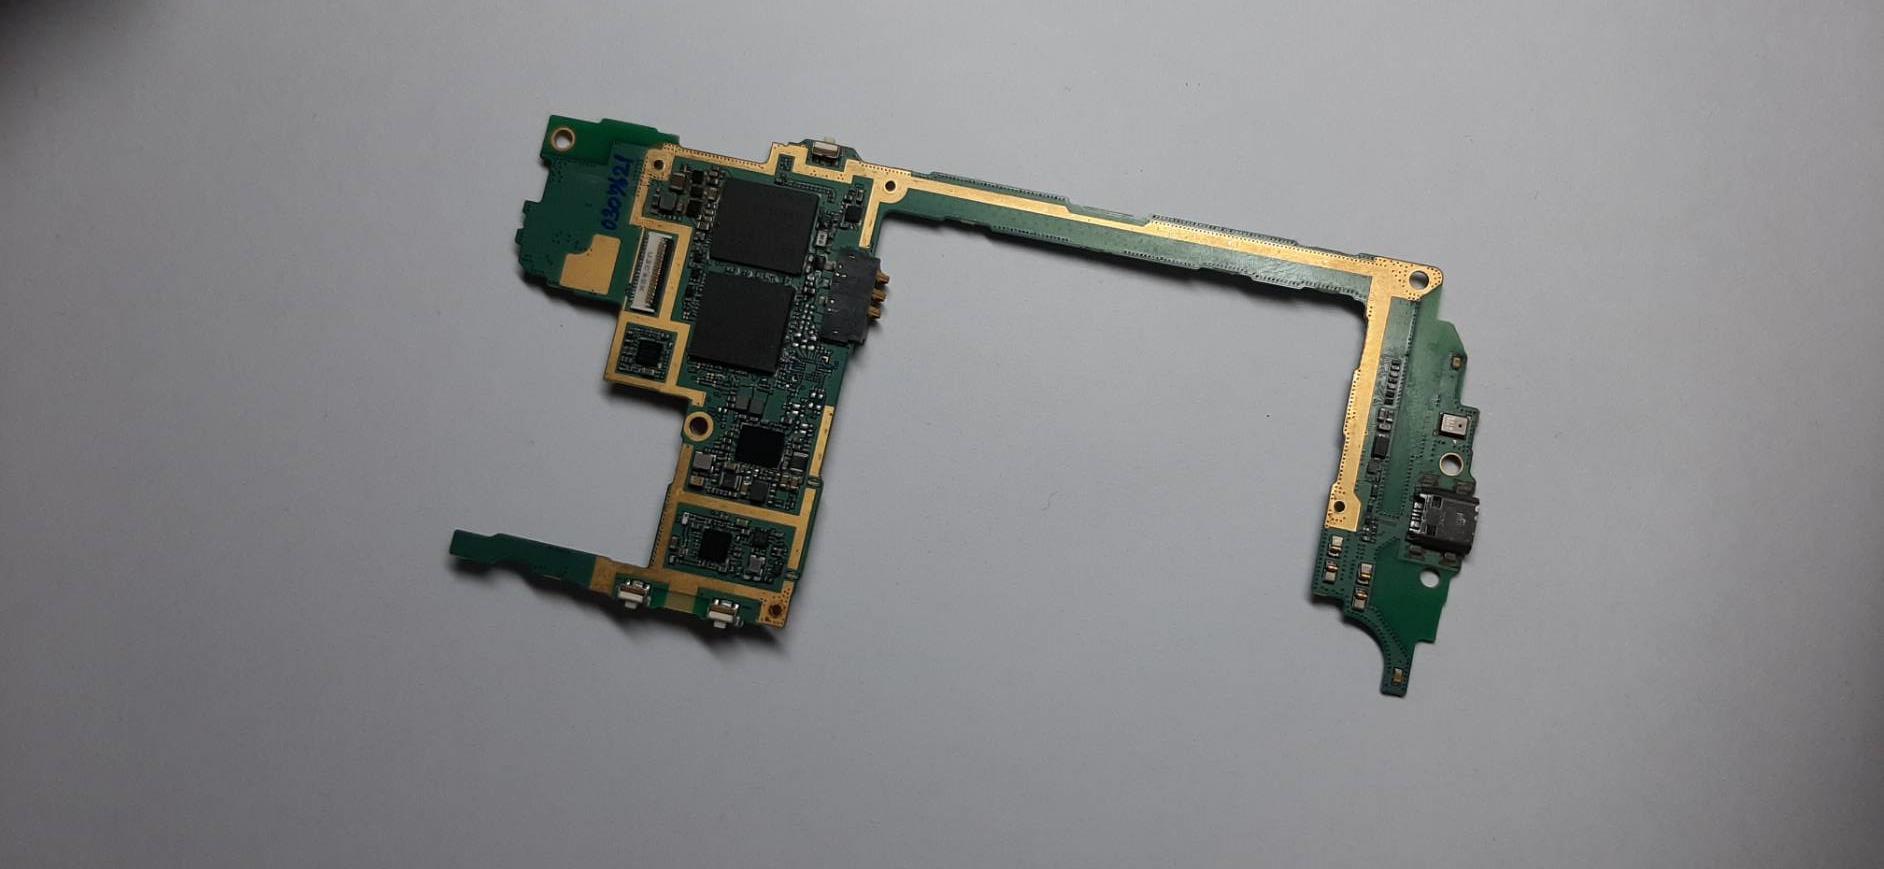 เมนบอร์ดชาร์จไม่เข้า SAMSUNG grand2 G7102 มือสอง